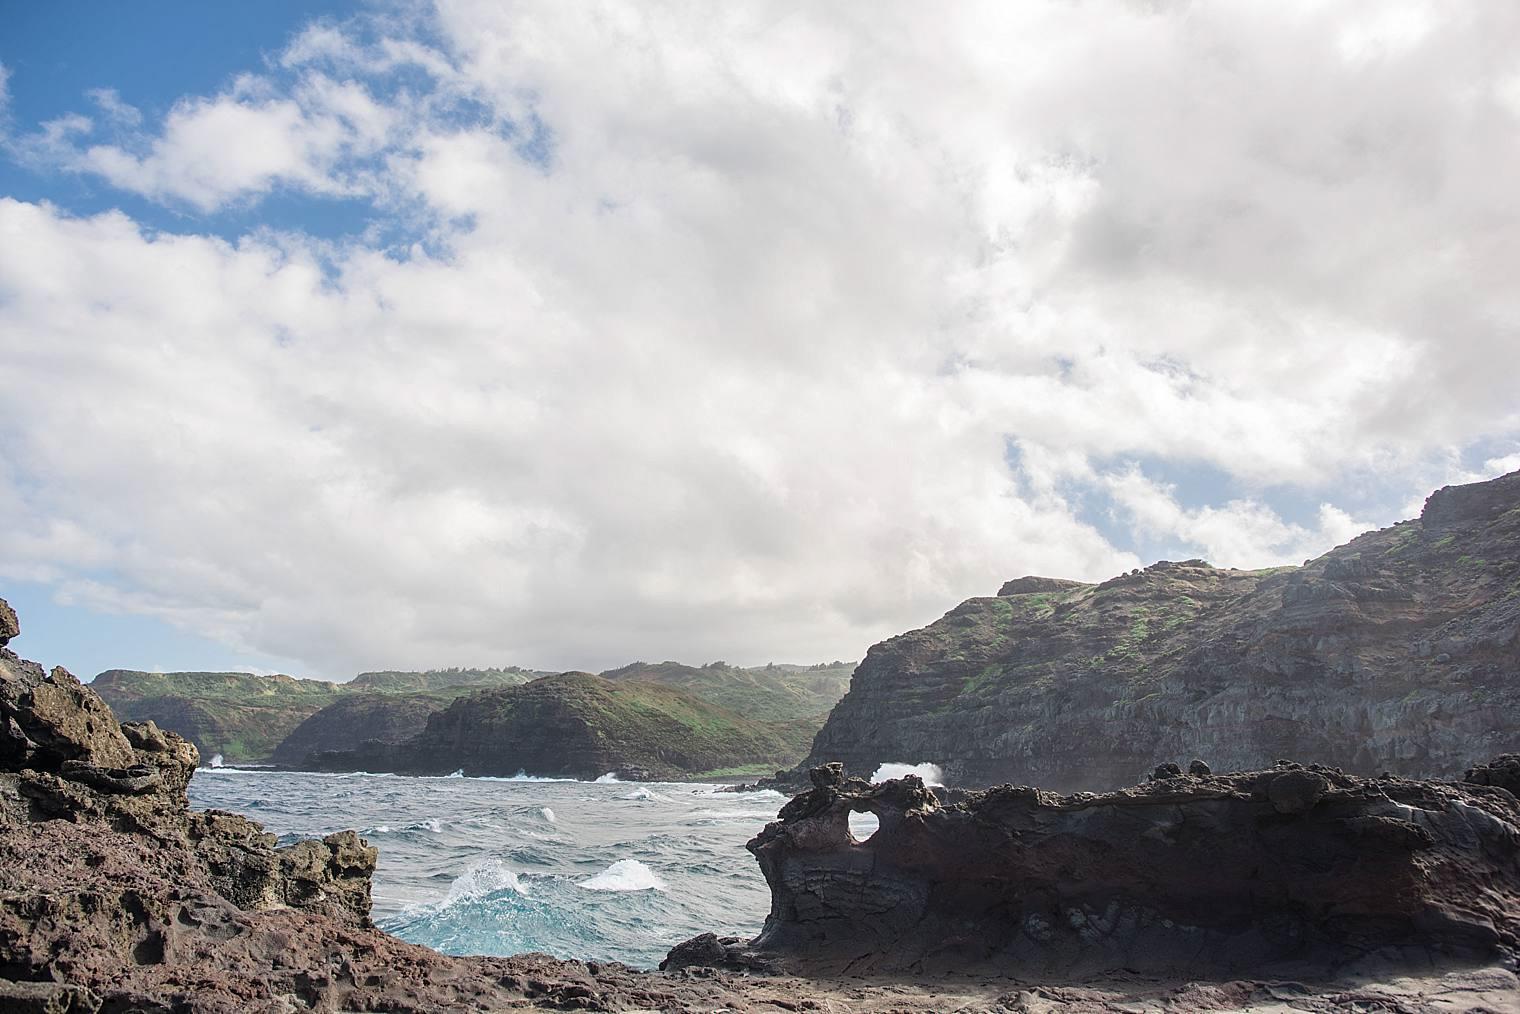 Nakalele blowhole in maui, hawaiii